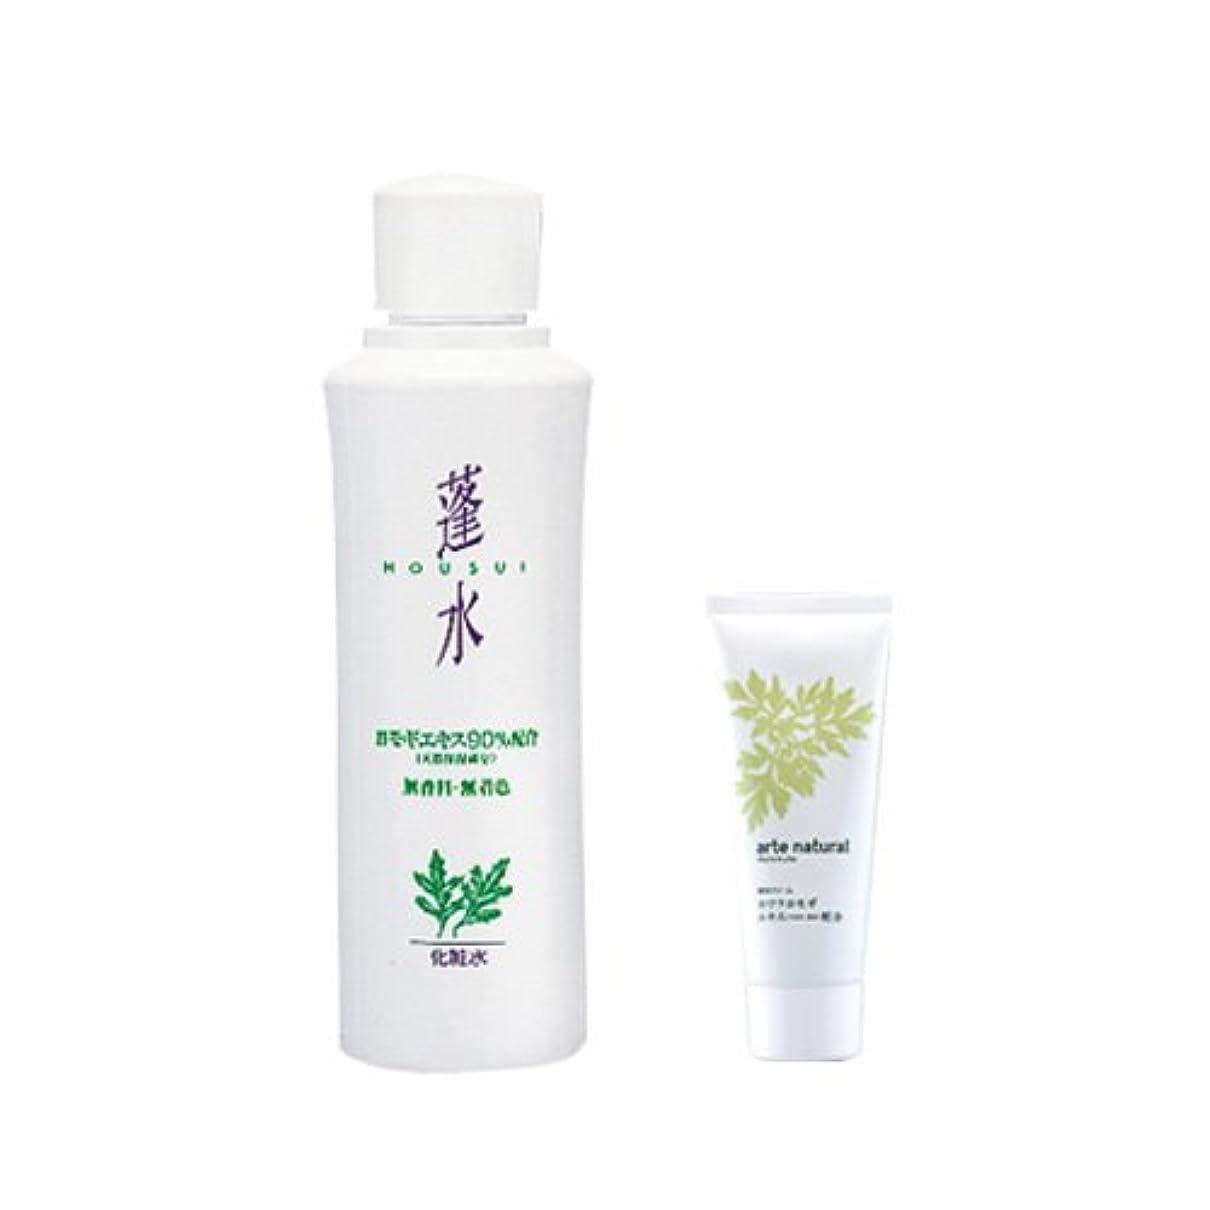 累計エクスタシー強調する蓬水(ほうすい)よもぎ化粧水+アルテナチュラル25g